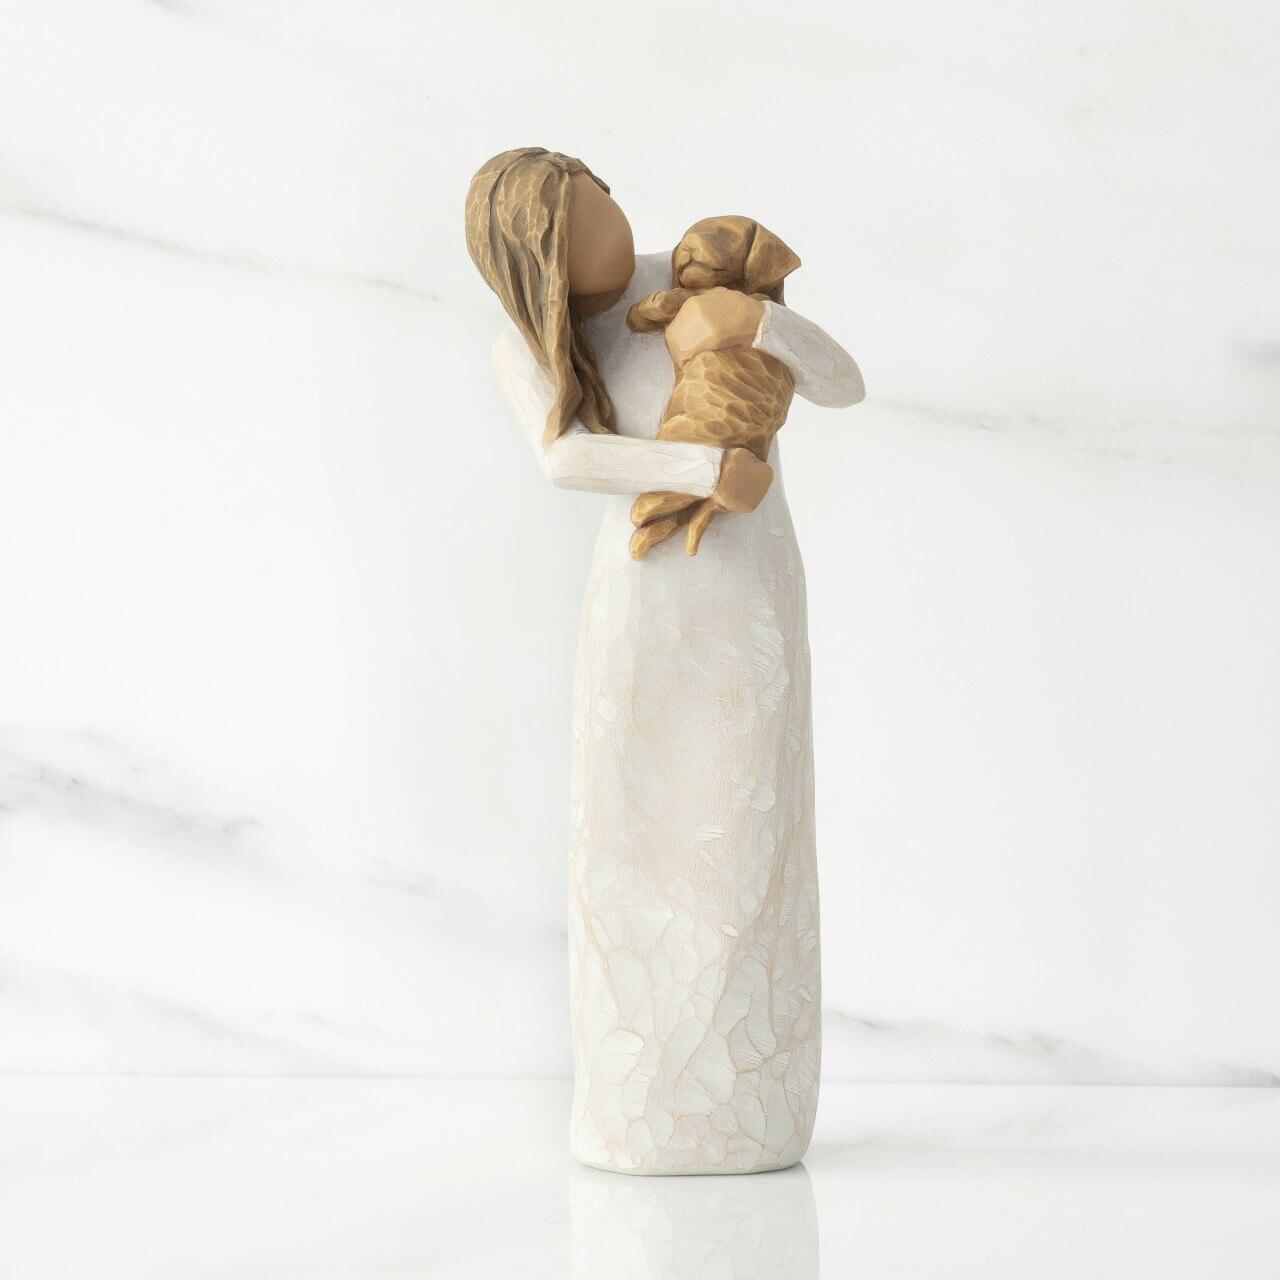 身体いっぱいに受け止めて - プレゼント ギフトに 驚きの値段 休み コレクションも 誕生日 ウィローツリー彫像 WillowTree Golden You 愛しいあなた 正規輸入品 Adorable 19cm